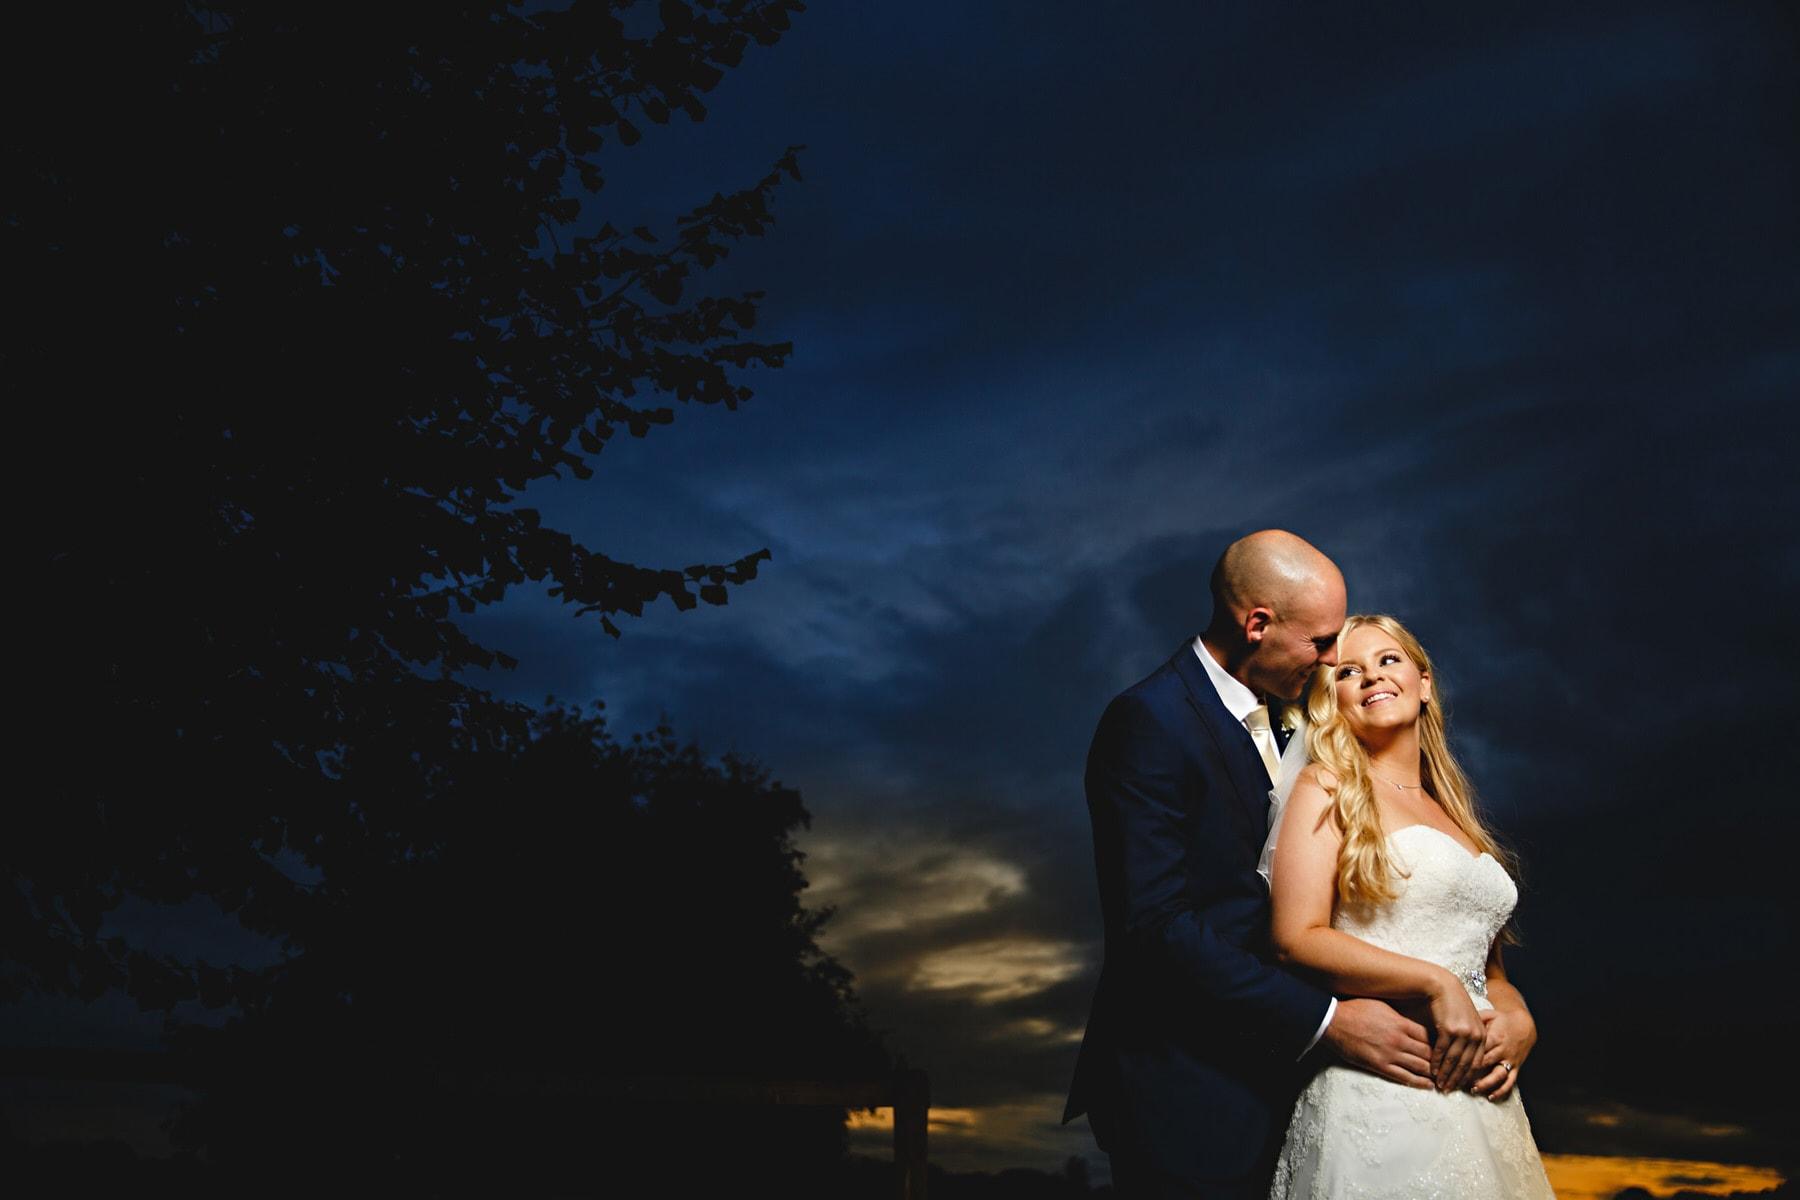 bride and groom against dark sky